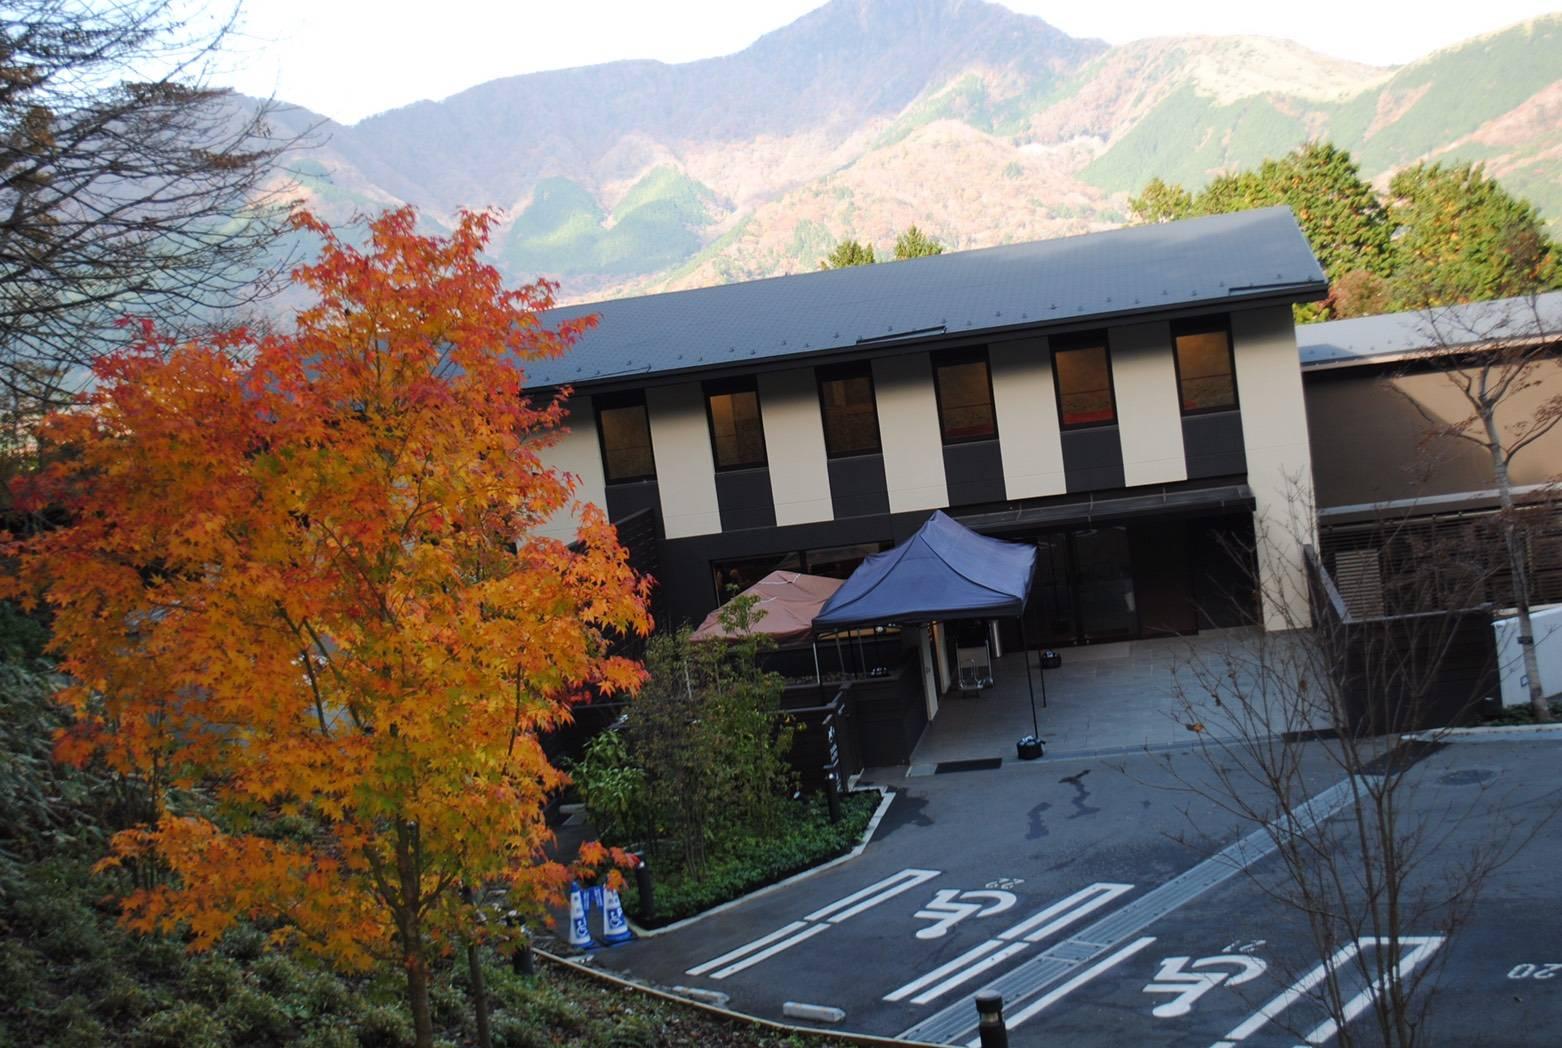 11月27日(金曜日)午前11時:国道138号(箱根町)の通行止が解除となります。